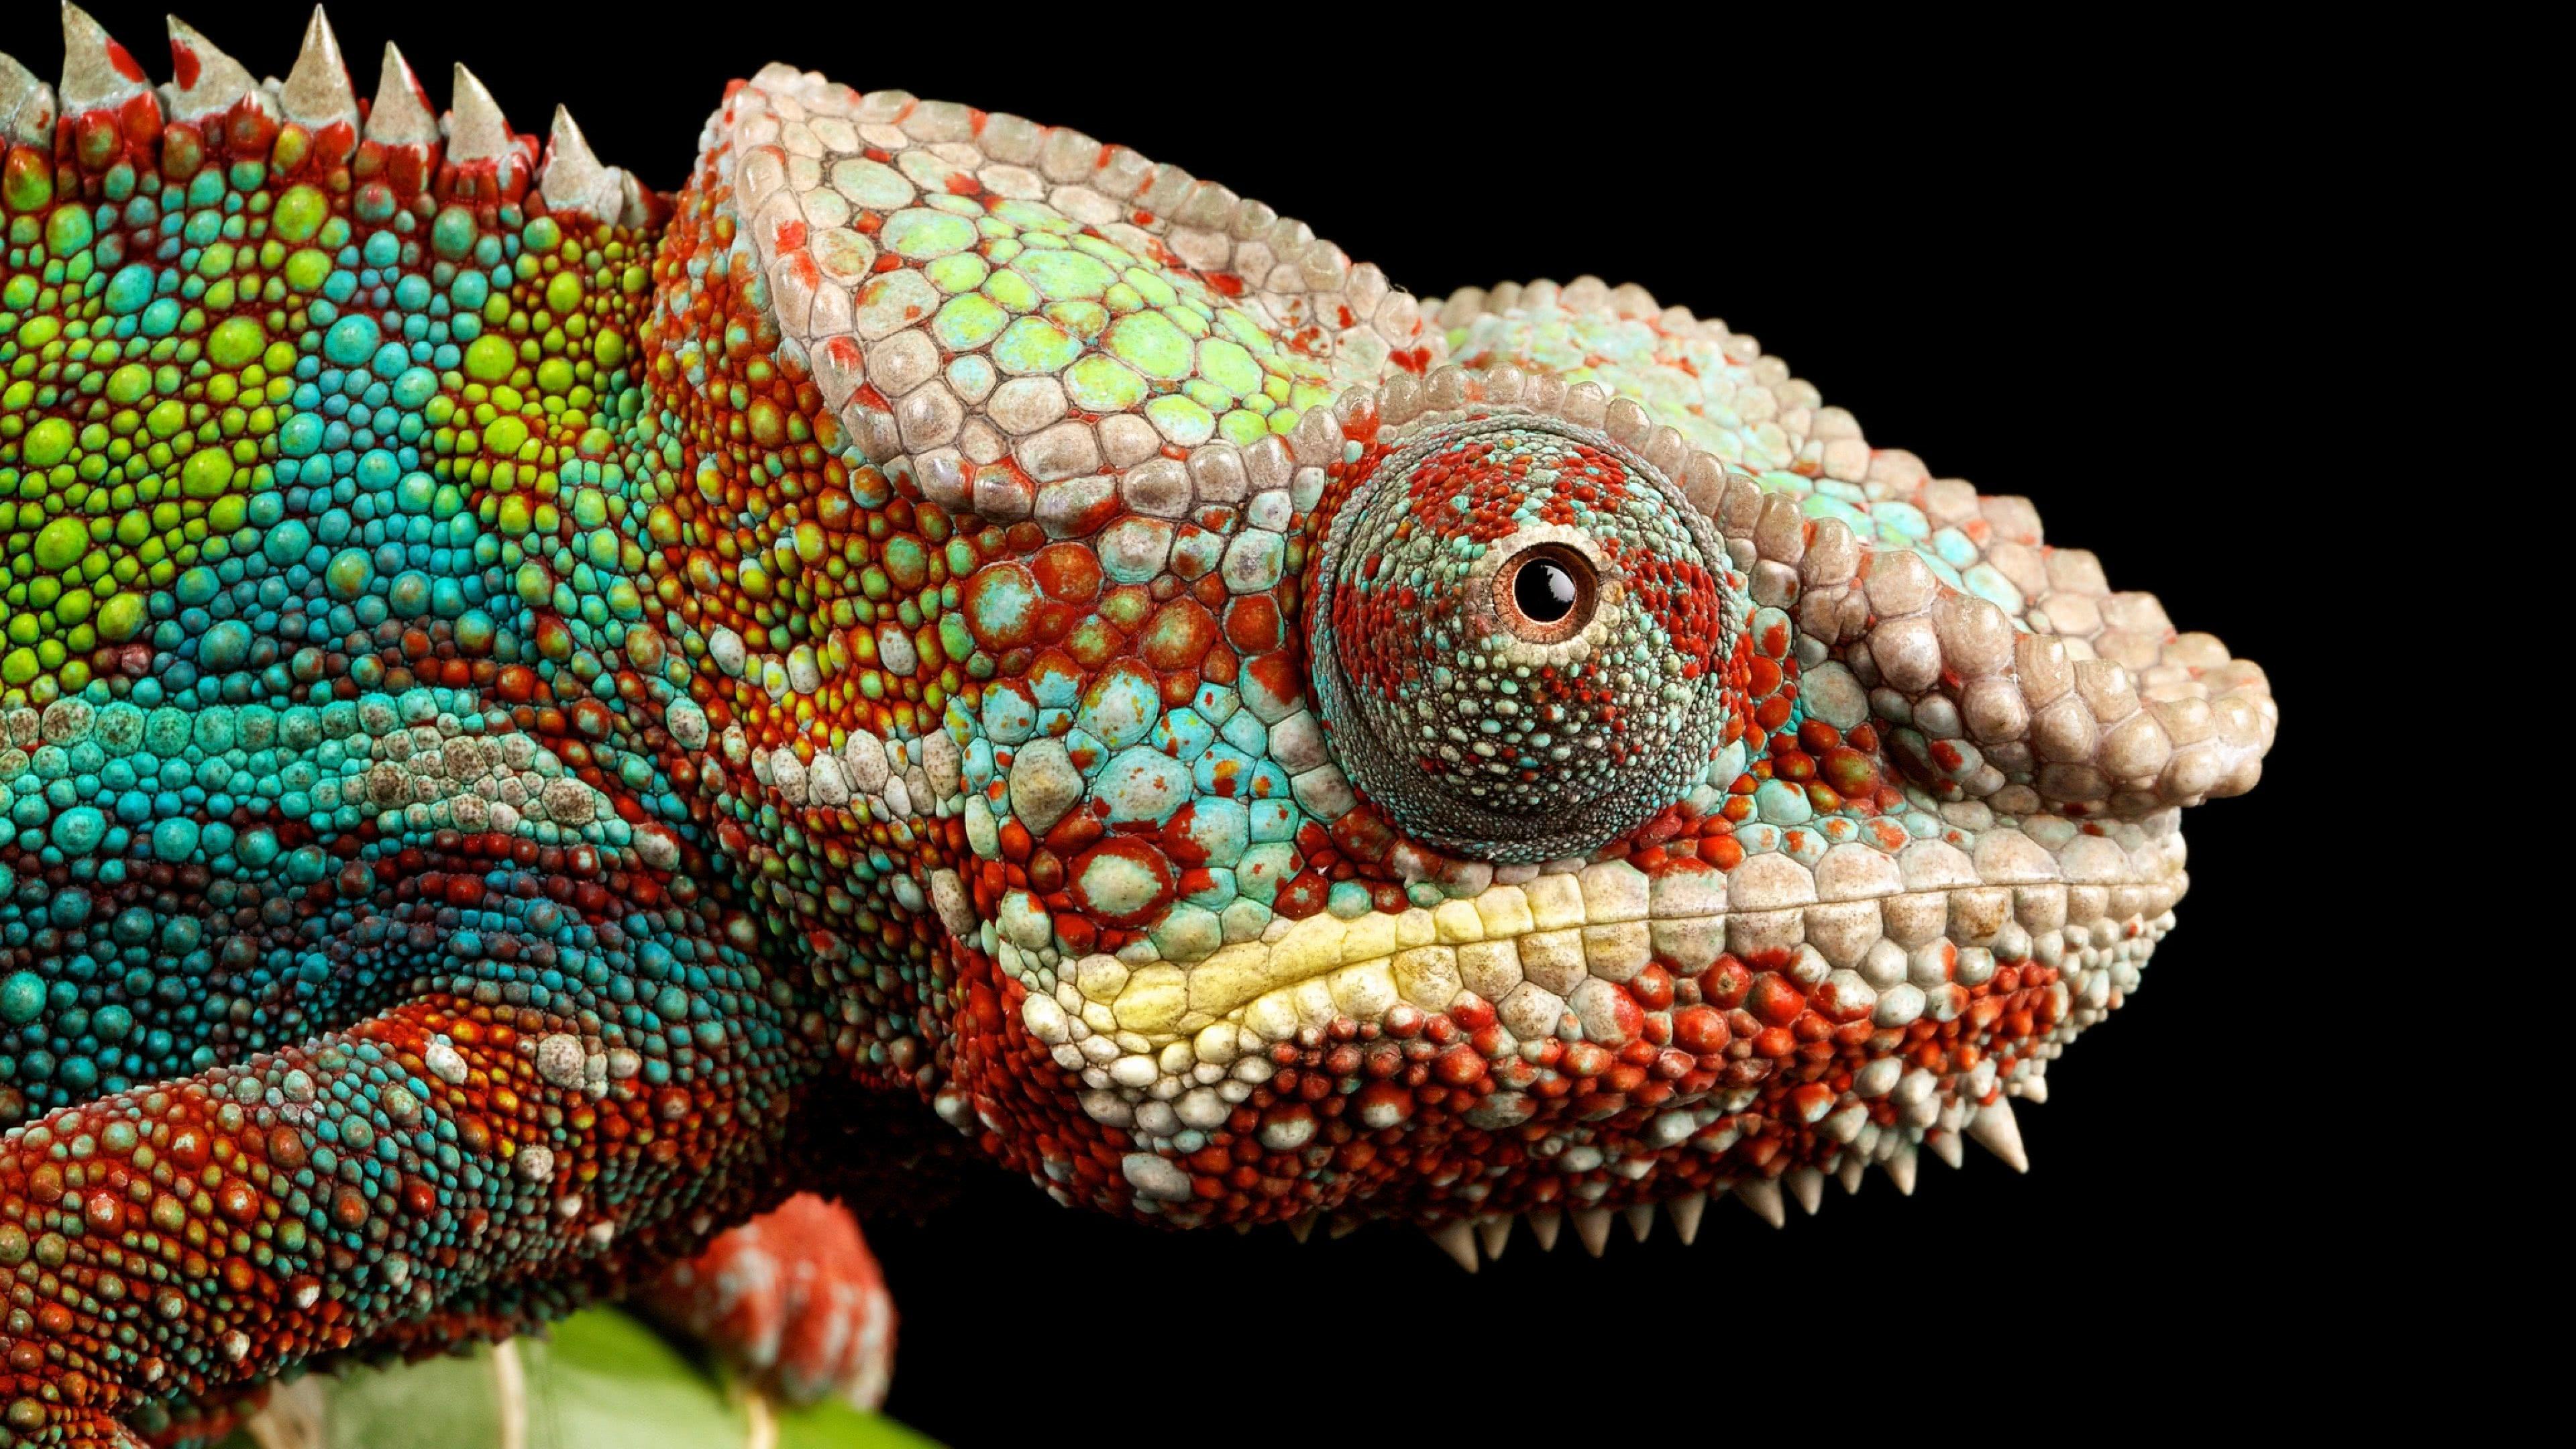 chameleon uhd 4k wallpaper